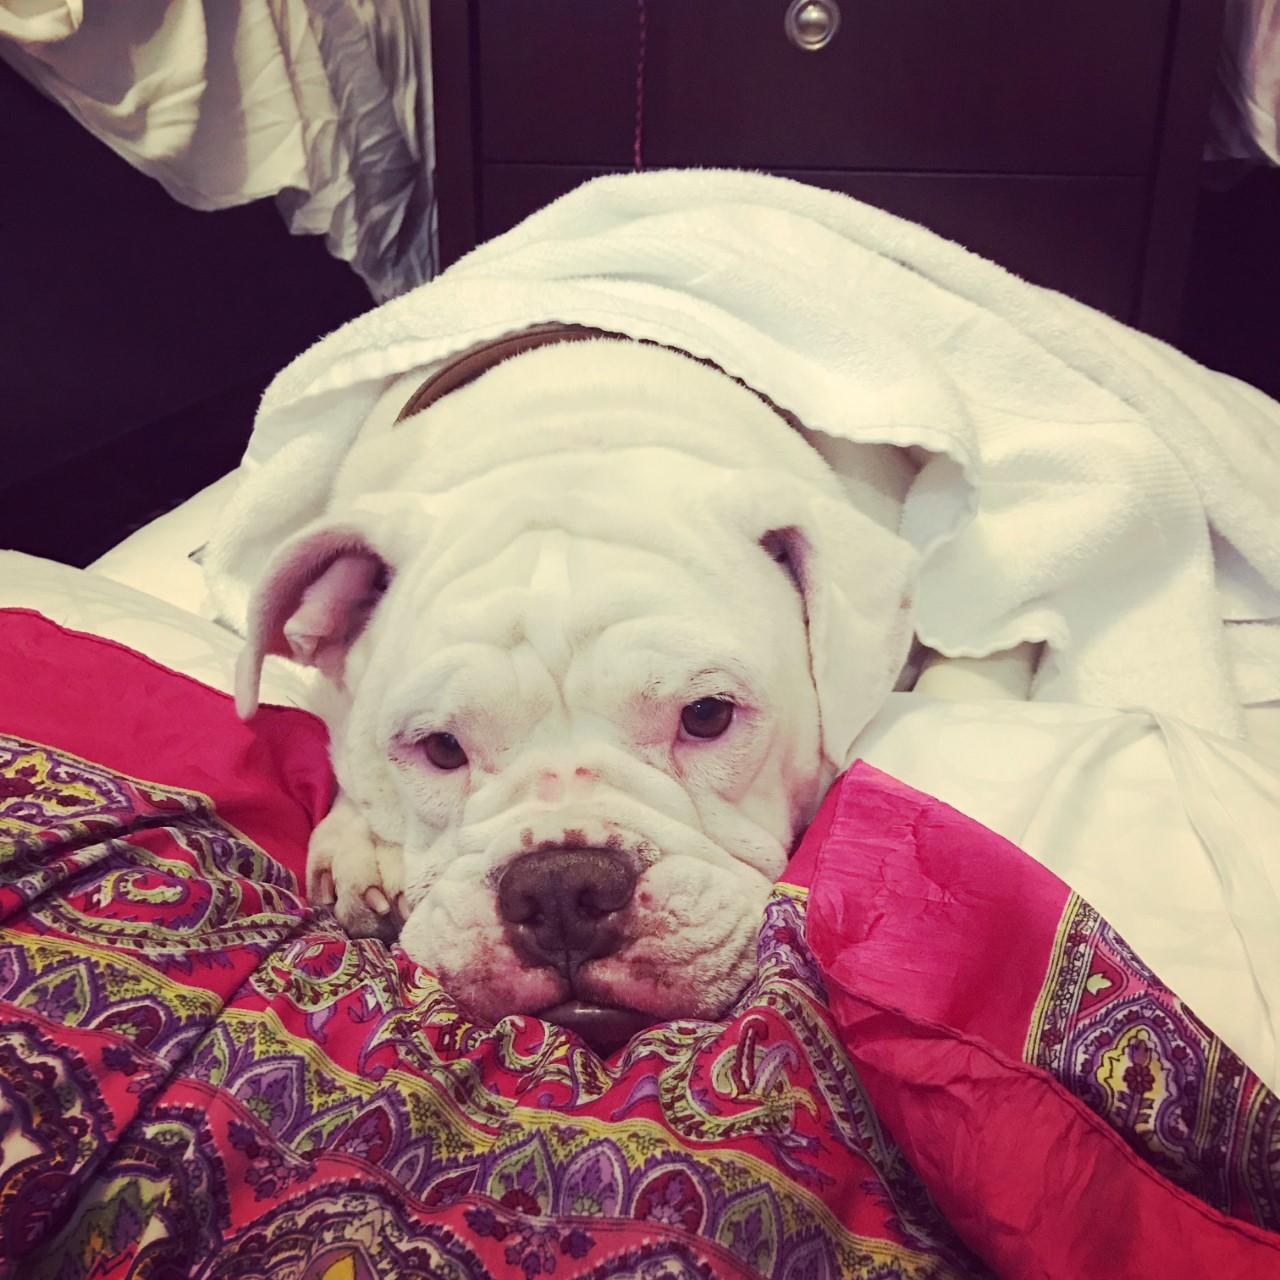 Ashley Boss's pet dog